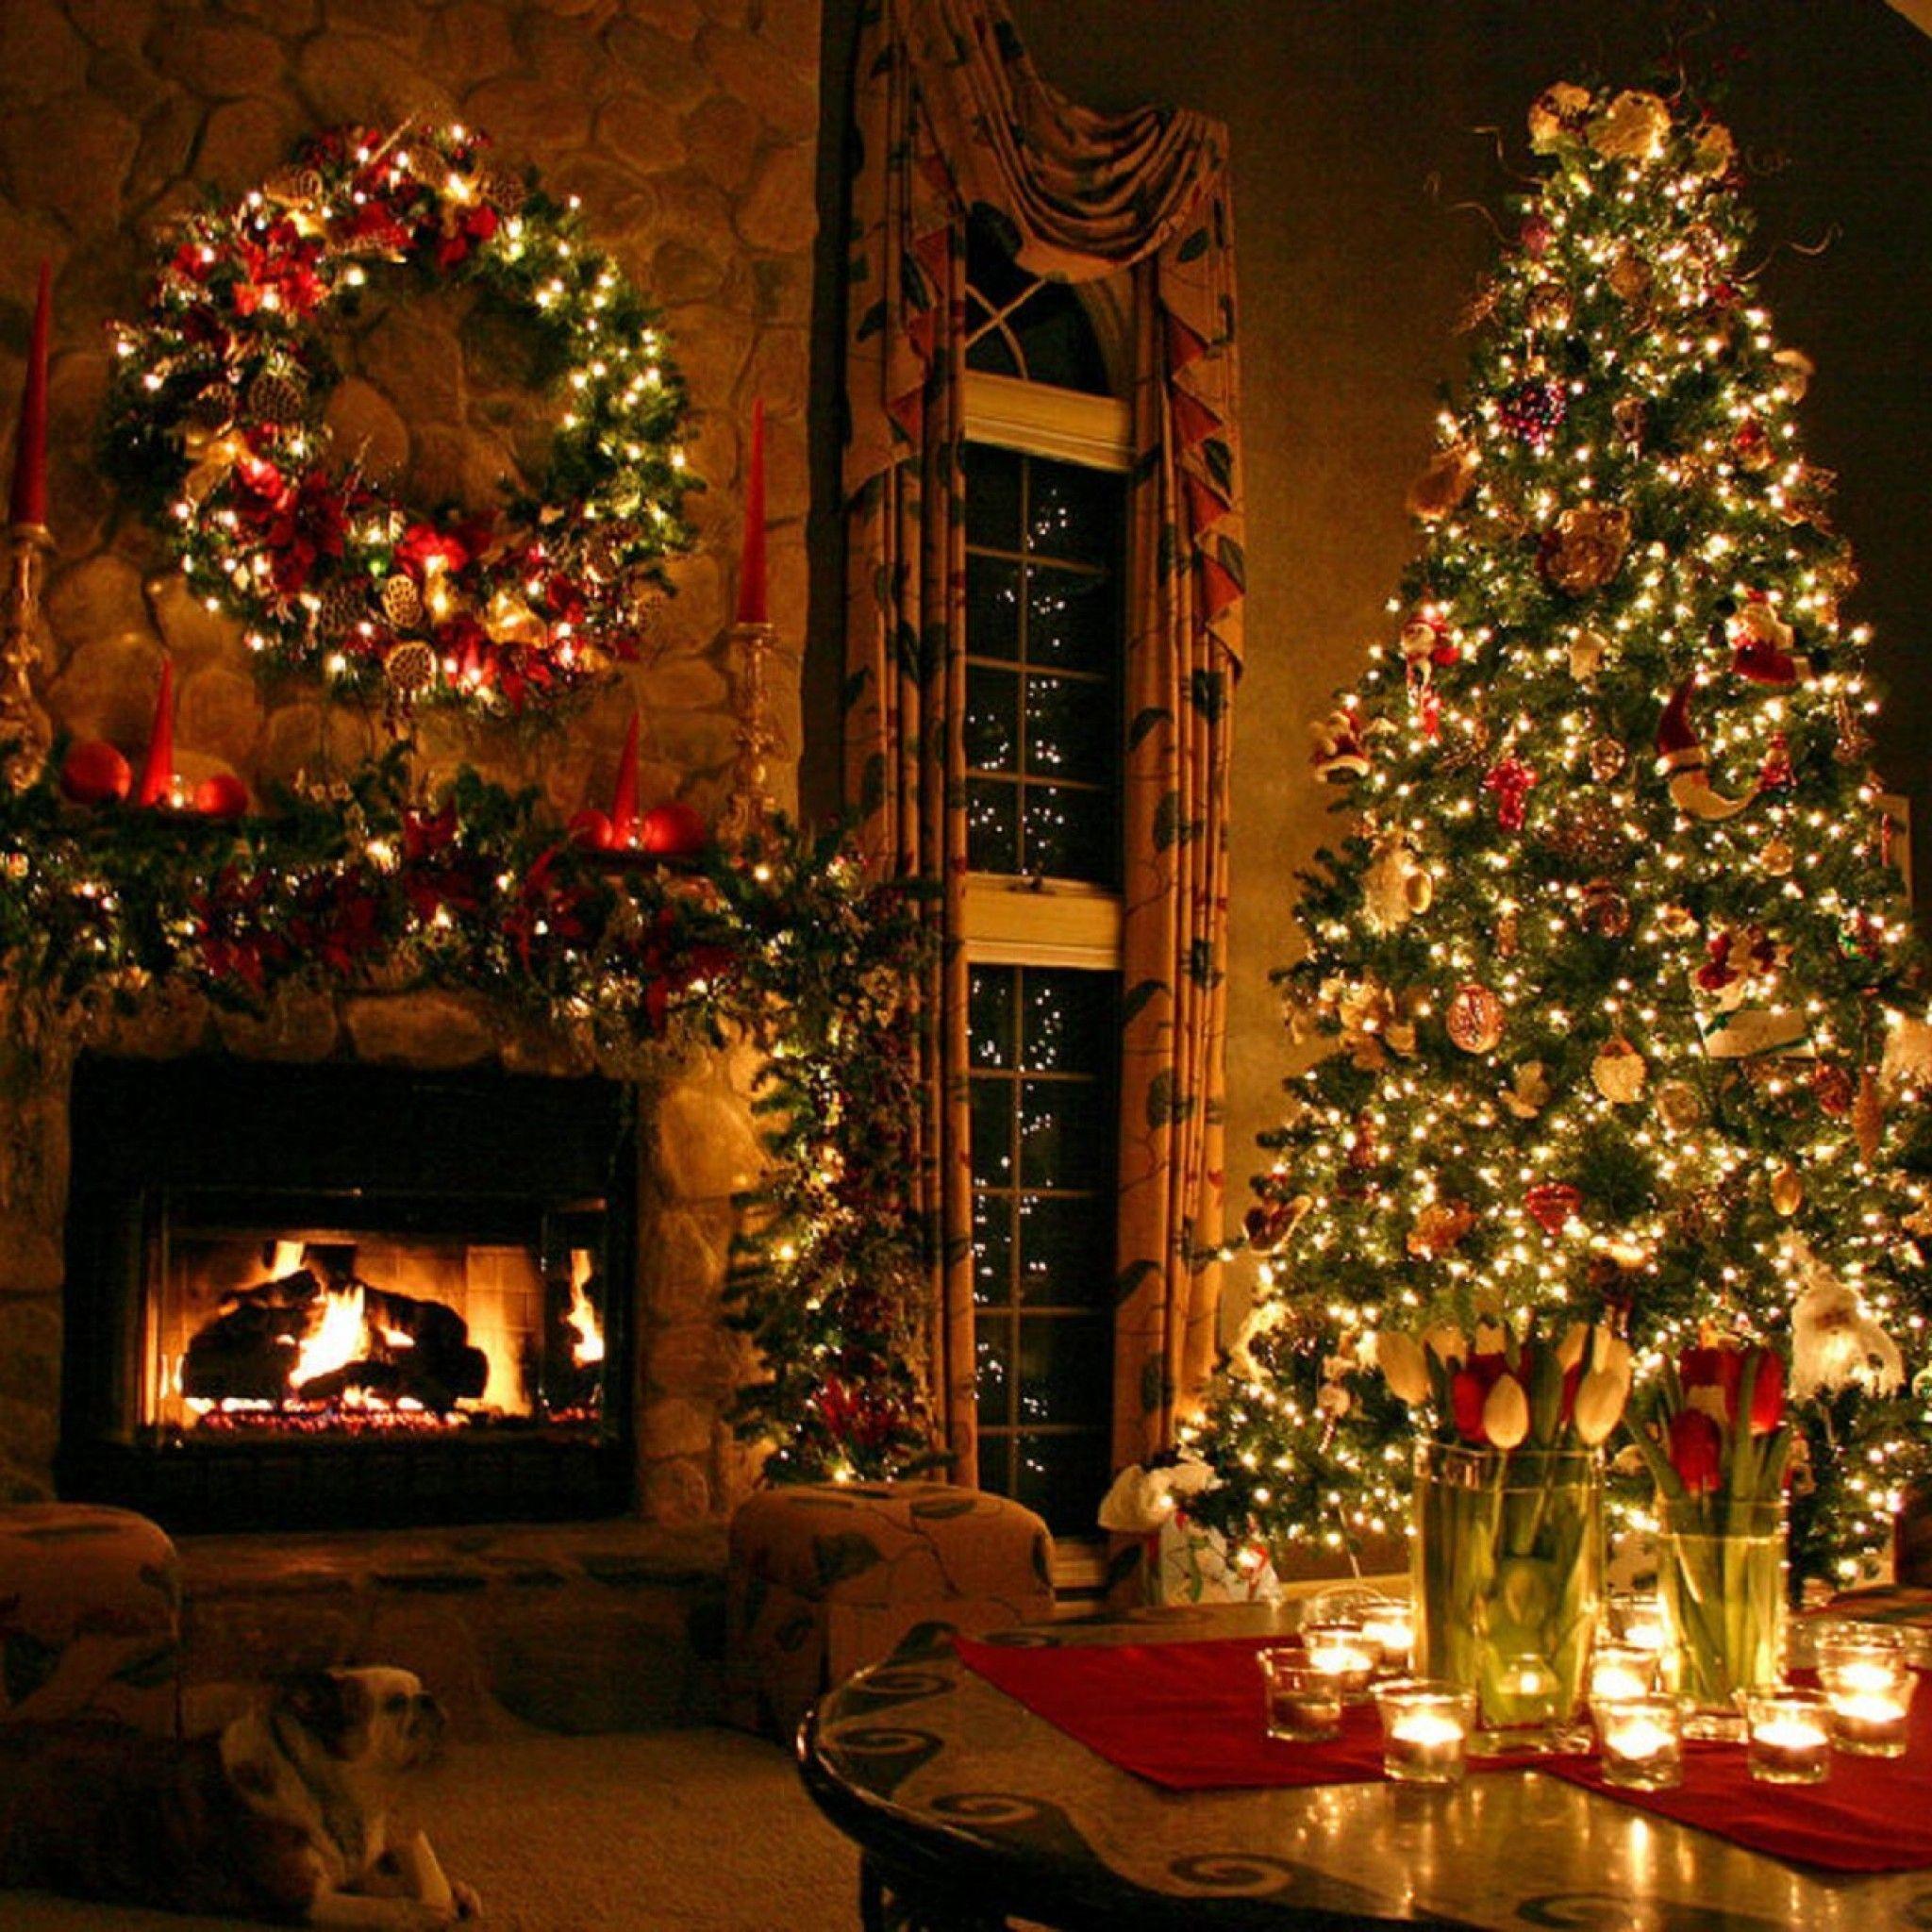 Ipad Christmas Wallpapers Top Free Ipad Christmas